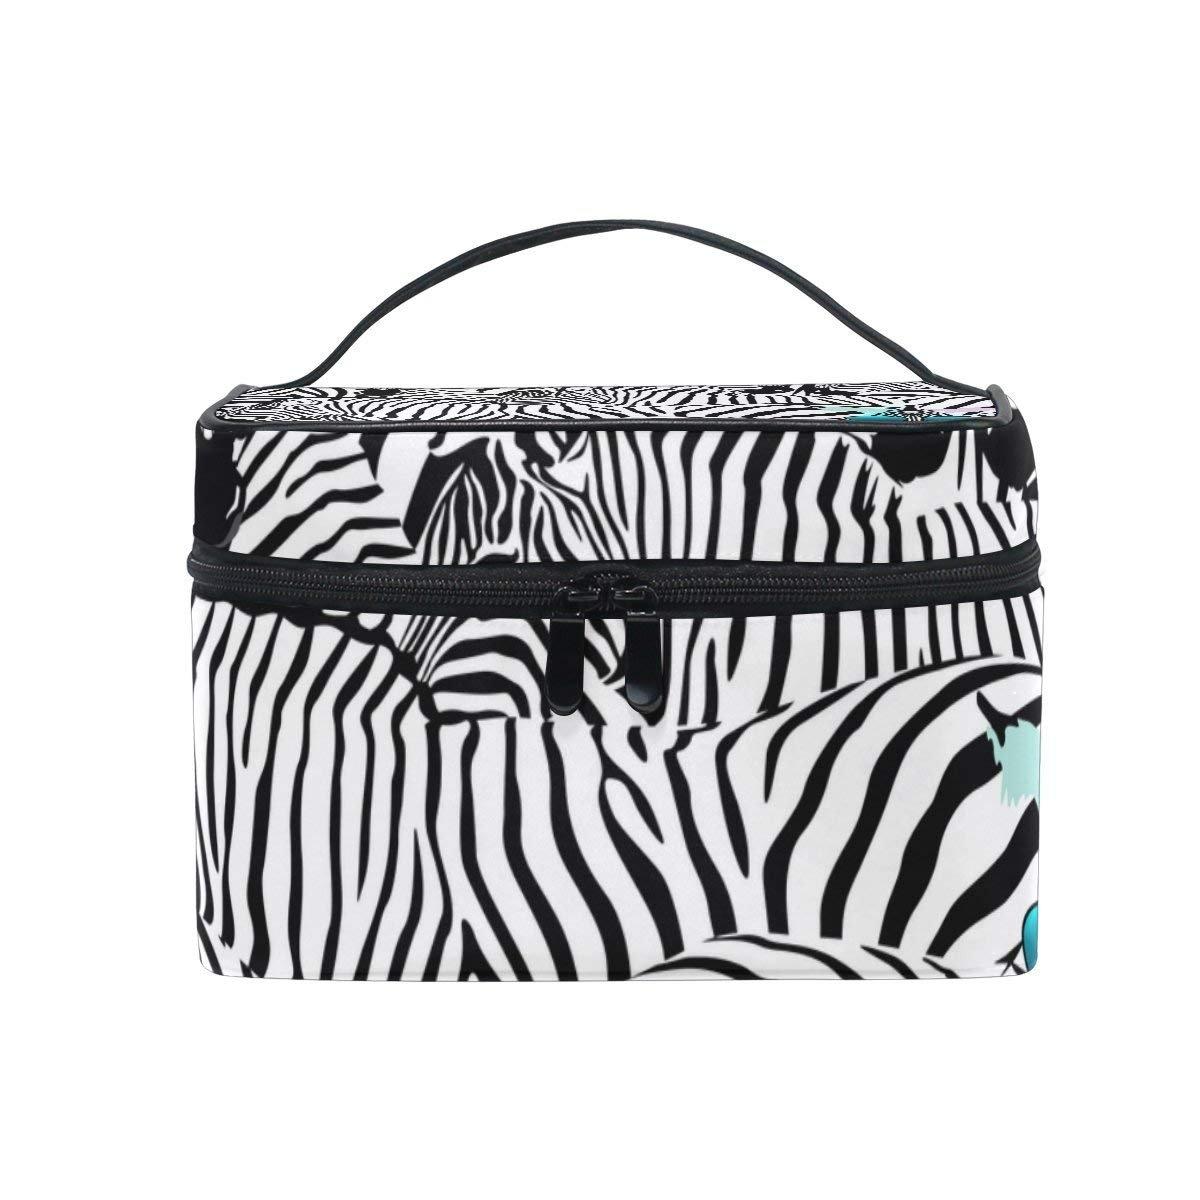 Makeup Bag Funny Zebra In Sunglasses Mens Travel Toiletry Bag Mens Cosmetic Bags for Women Fun Large Makeup Organizer